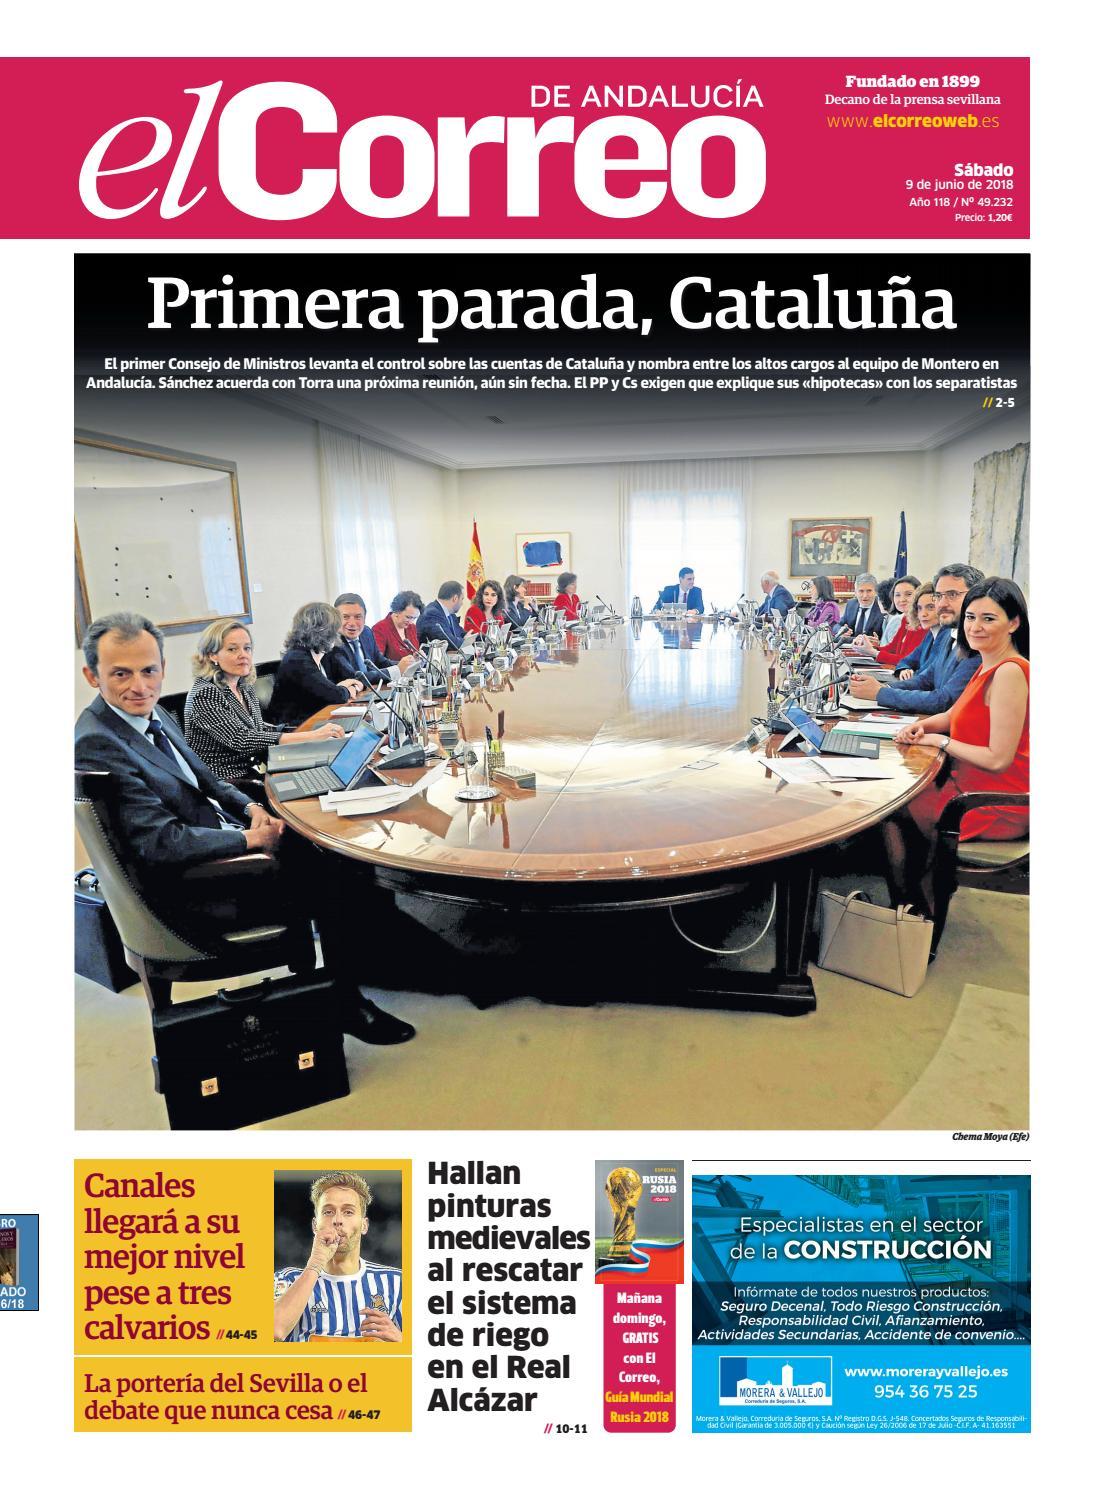 46afa46358 09.06.2018 El Correo de Andalucía by EL CORREO DE ANDALUCÍA S.L. - issuu